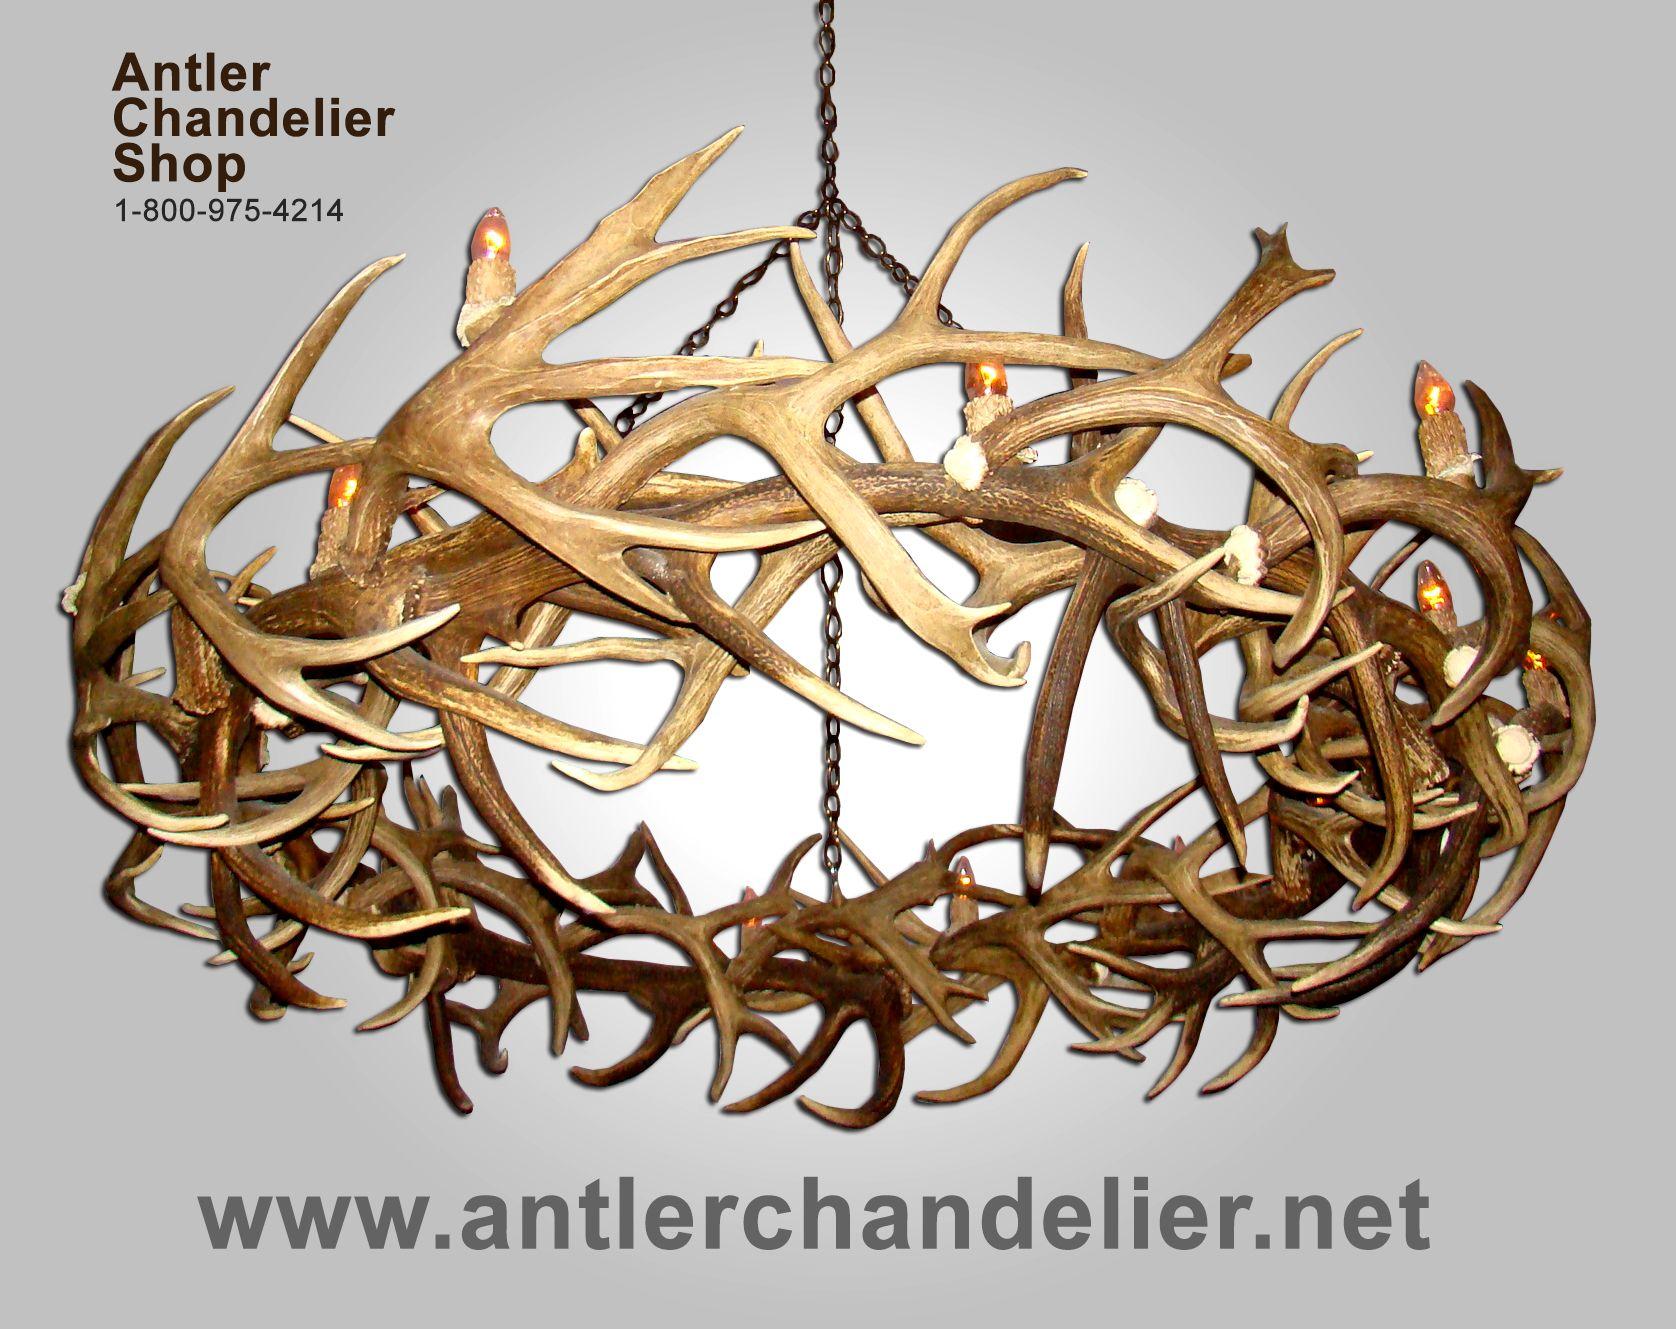 Deerantlerchandelier xl antler chandeliers antler chandelier deerantlerchandelier xl antler chandeliers antler chandelier aloadofball Choice Image